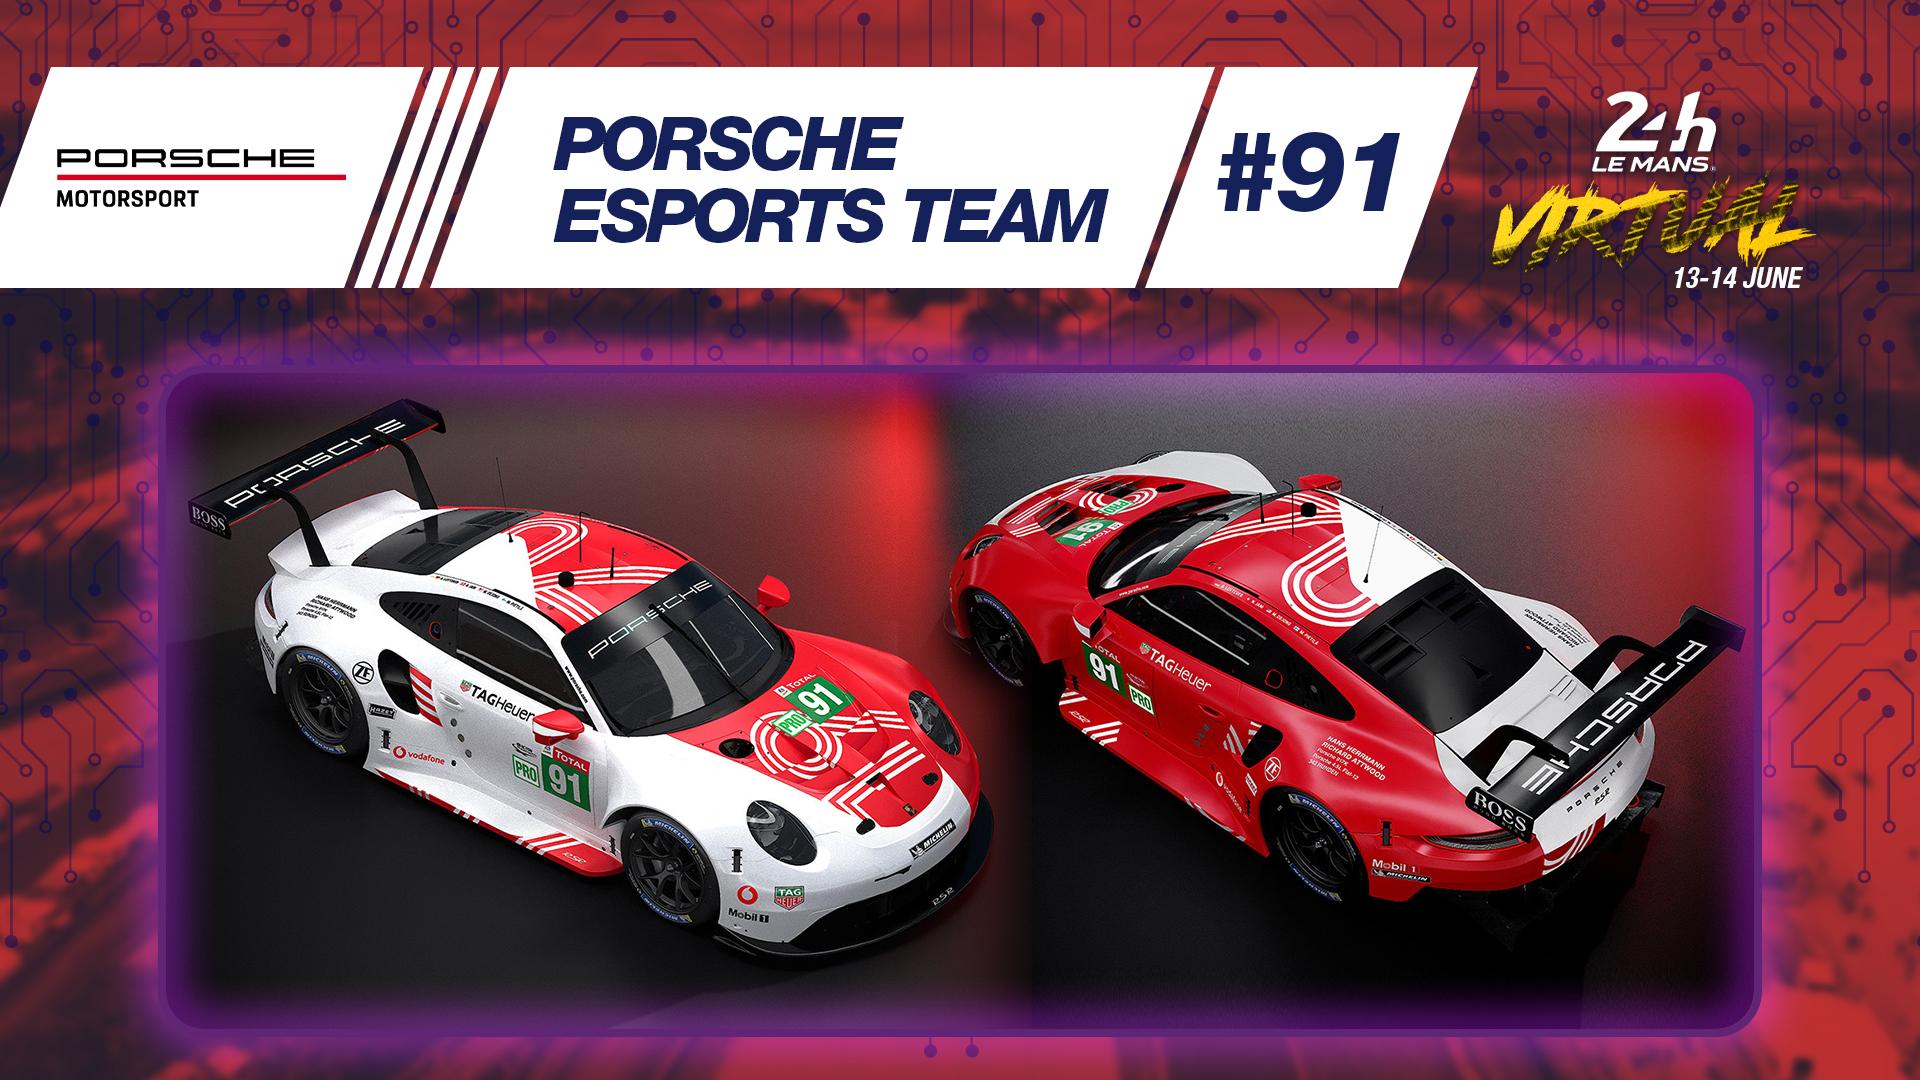 Porsche Unveils Memorable Livery For 24 Hours Of Le Mans Virtual Fia